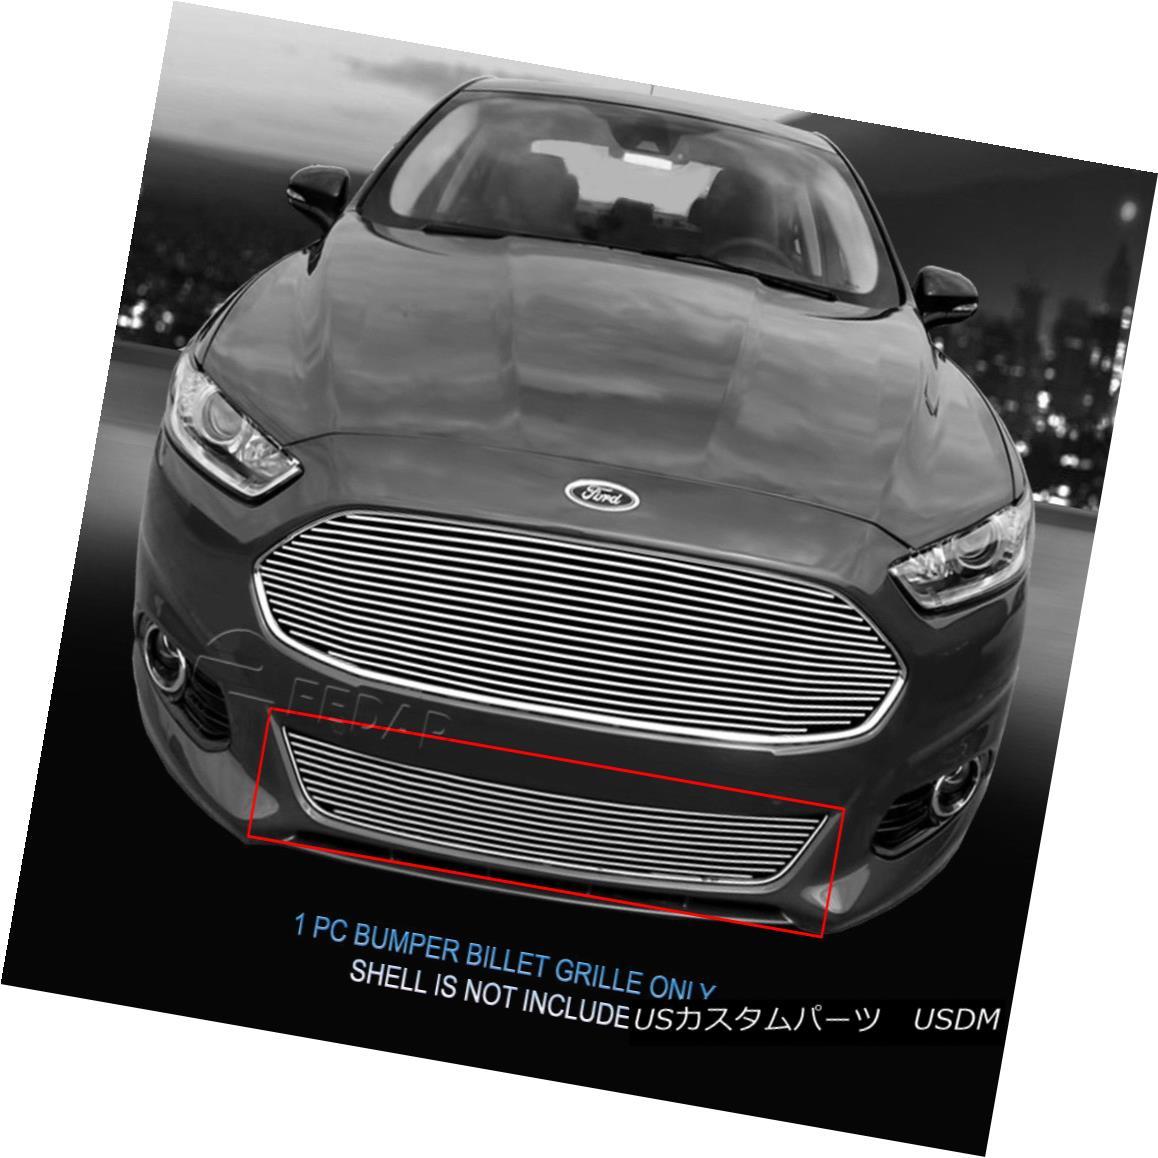 グリル Fedar Fits 2013-2015 Ford Fusion Polished Overlay Bumper Billet Grille Insert Fedarは2013年から2015年のFord Fusion Polished Overlay Bumper Billet Grille Insert